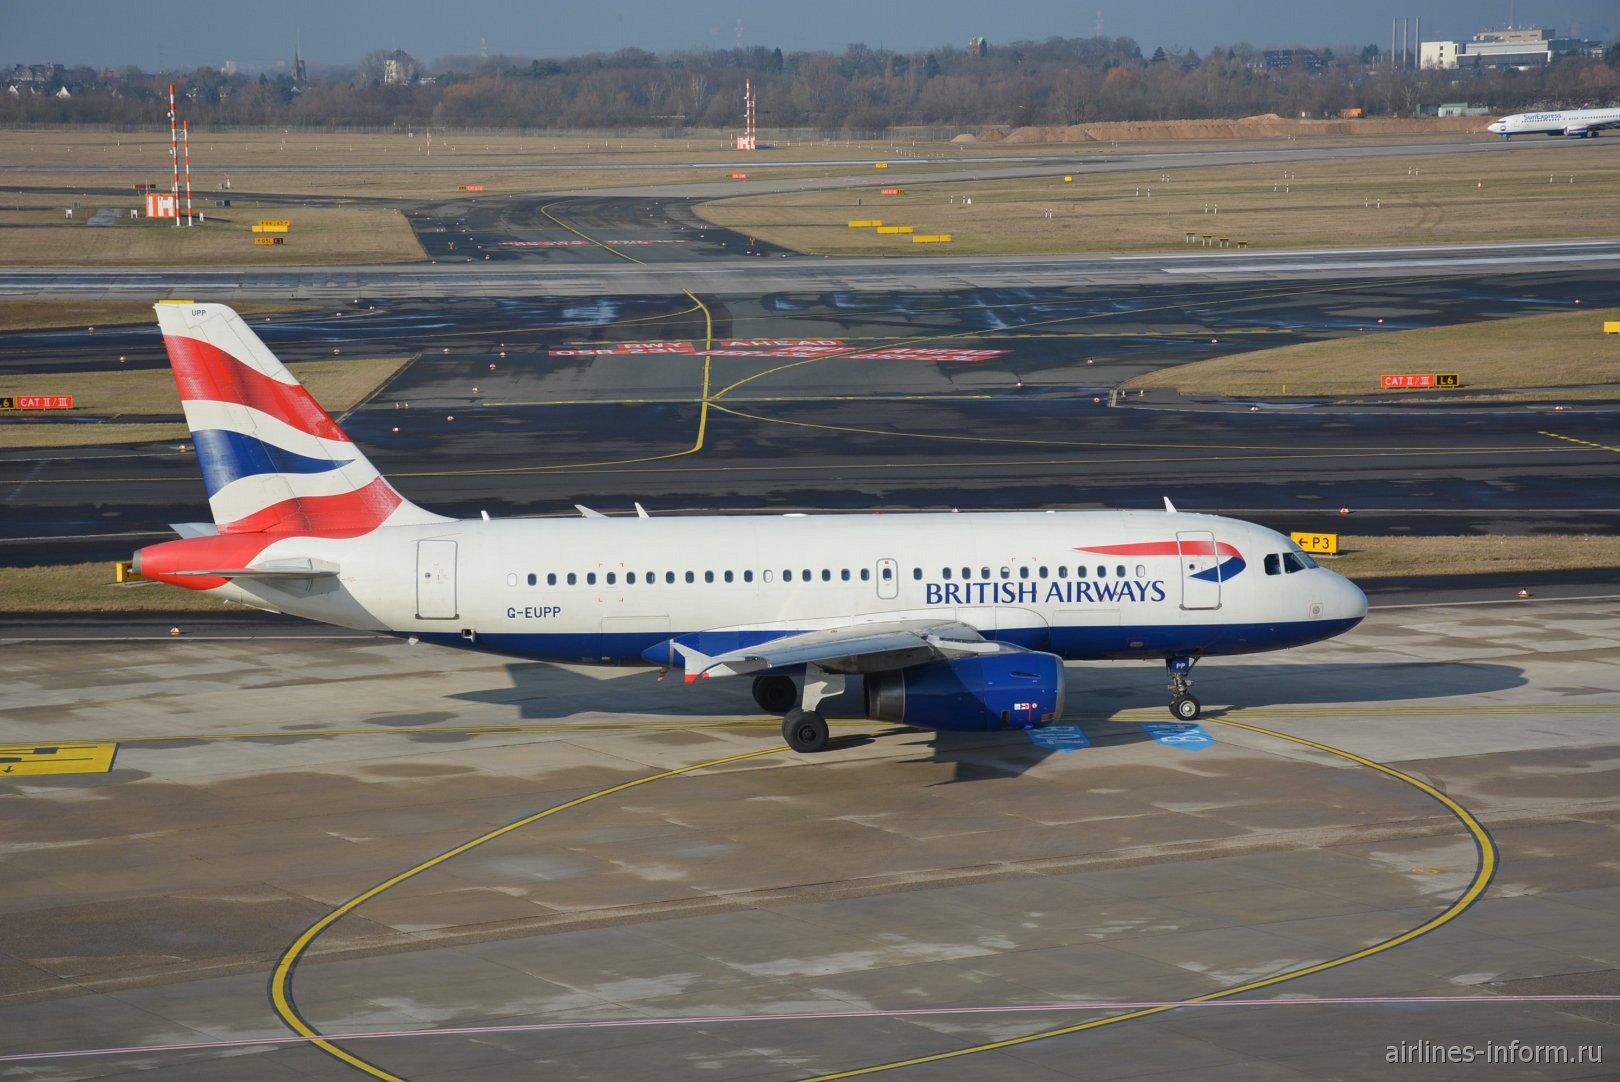 Airbus A319 G-EUPP Британских авиалиний в аэропорту Дюссельдорфа